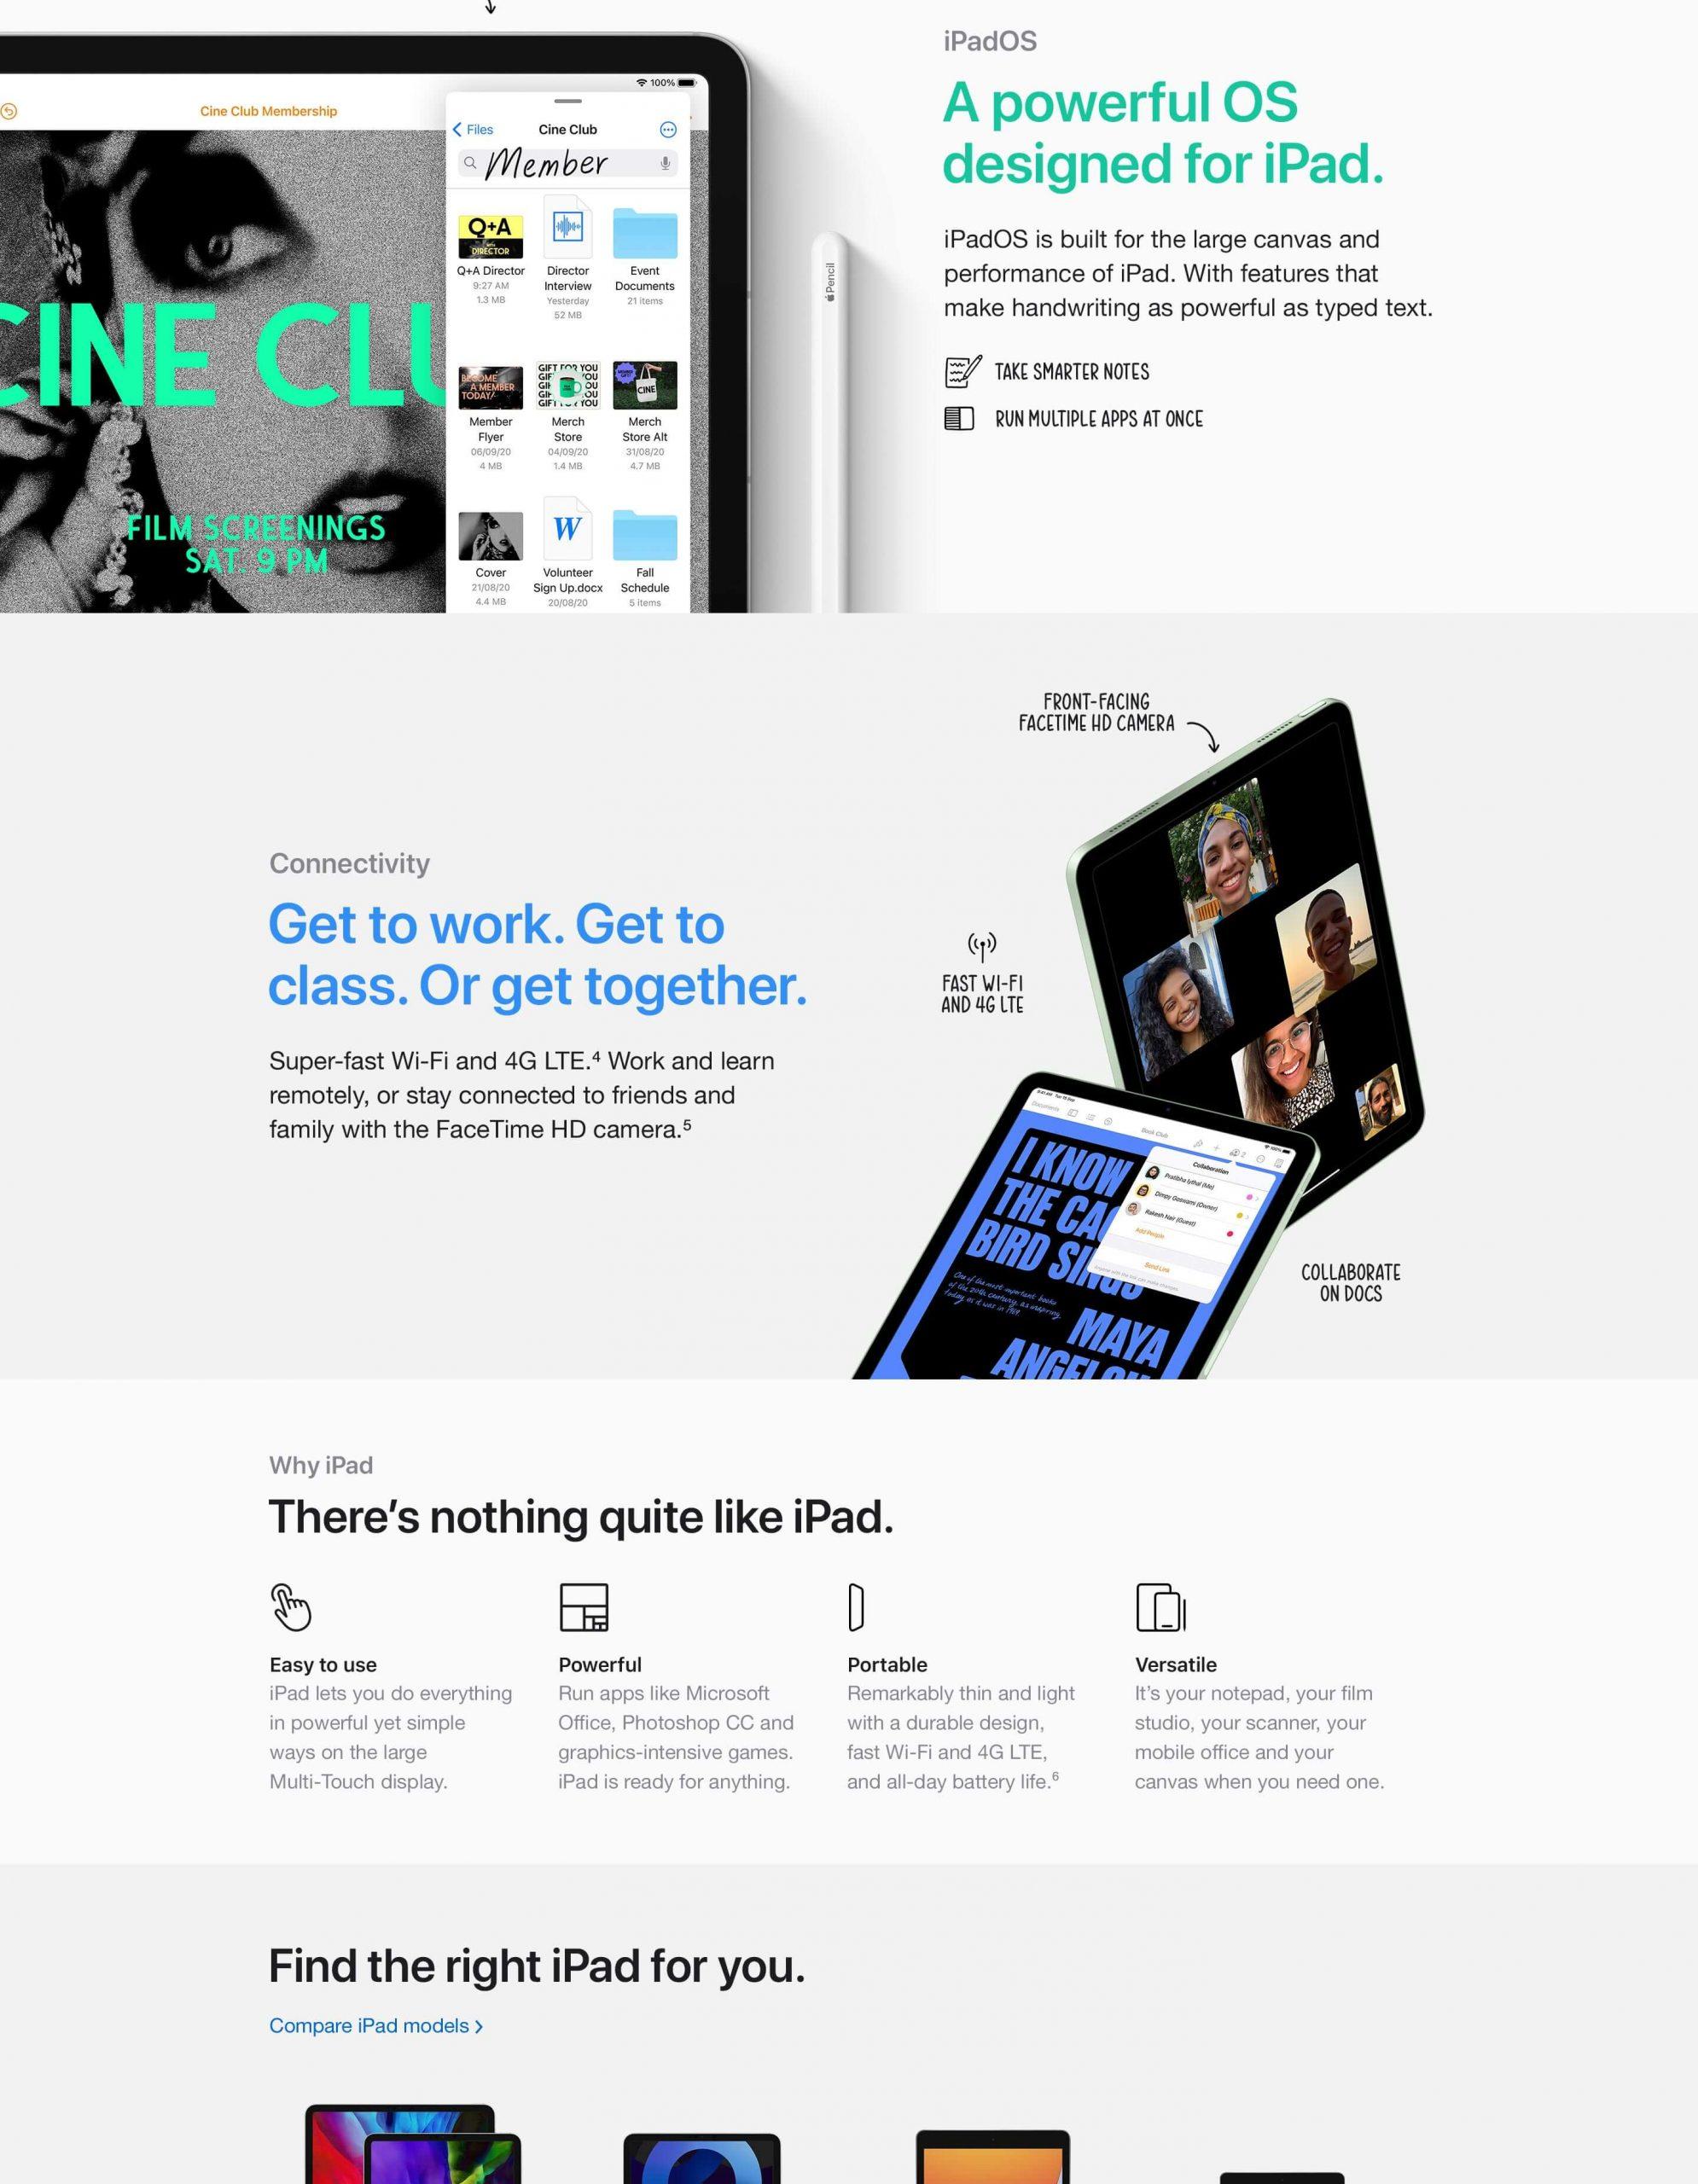 iPad Air (4th gen)